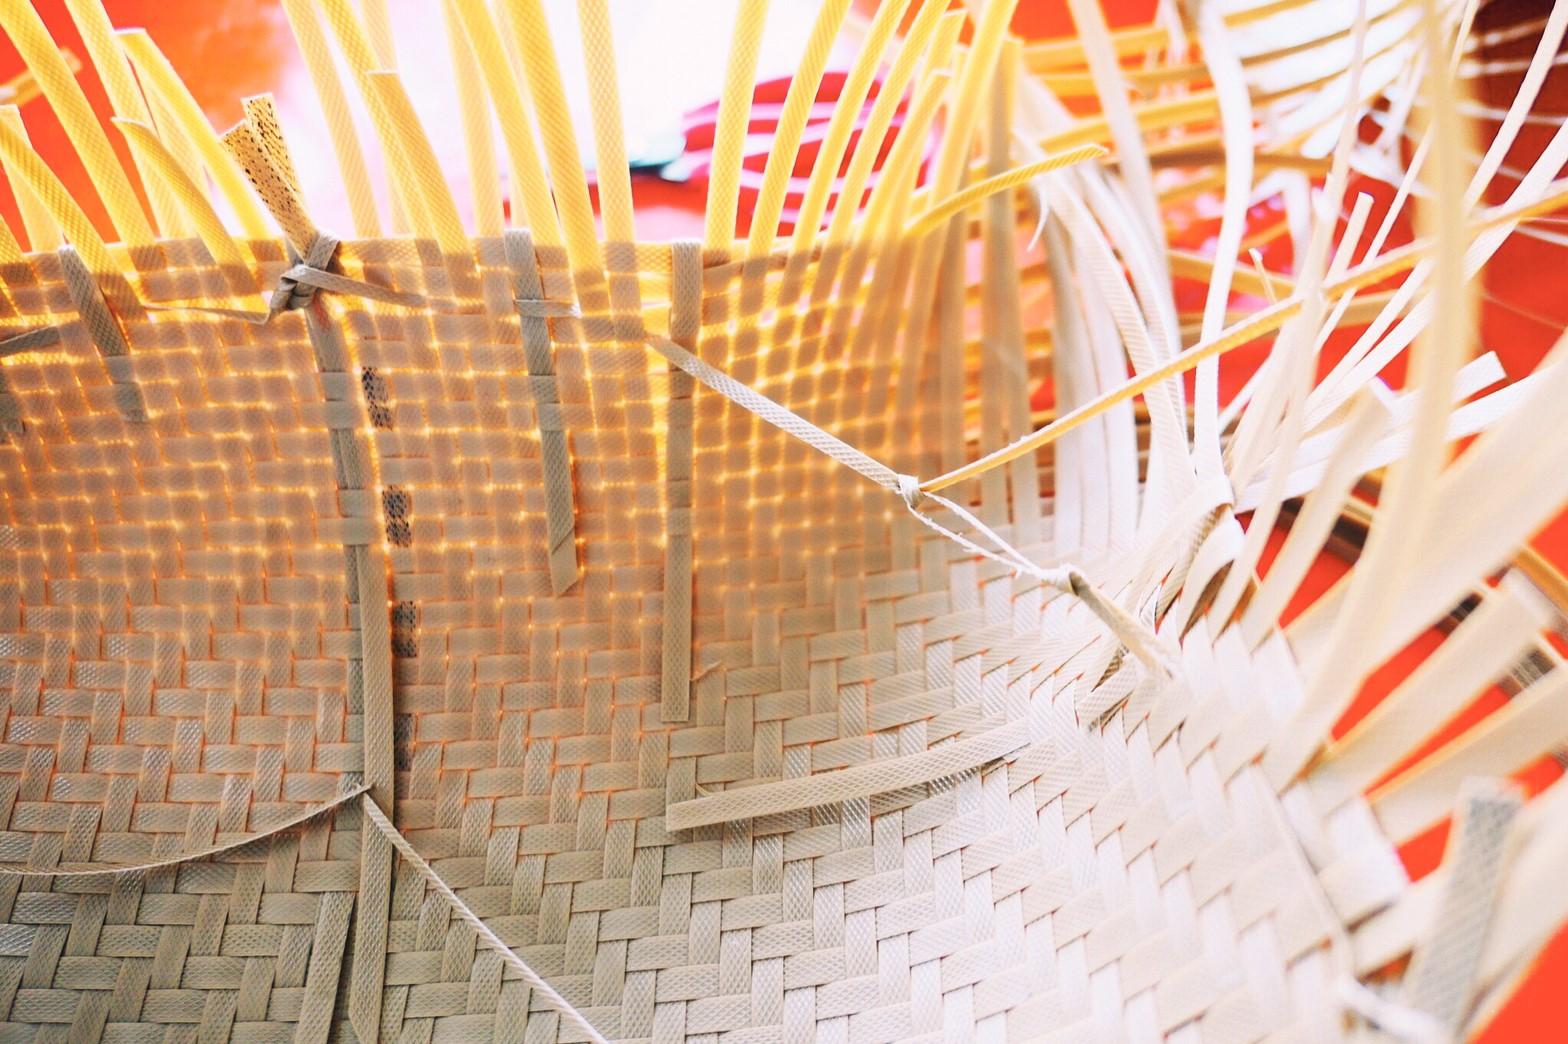 利用拉力將平面的編織變成立體的四方型